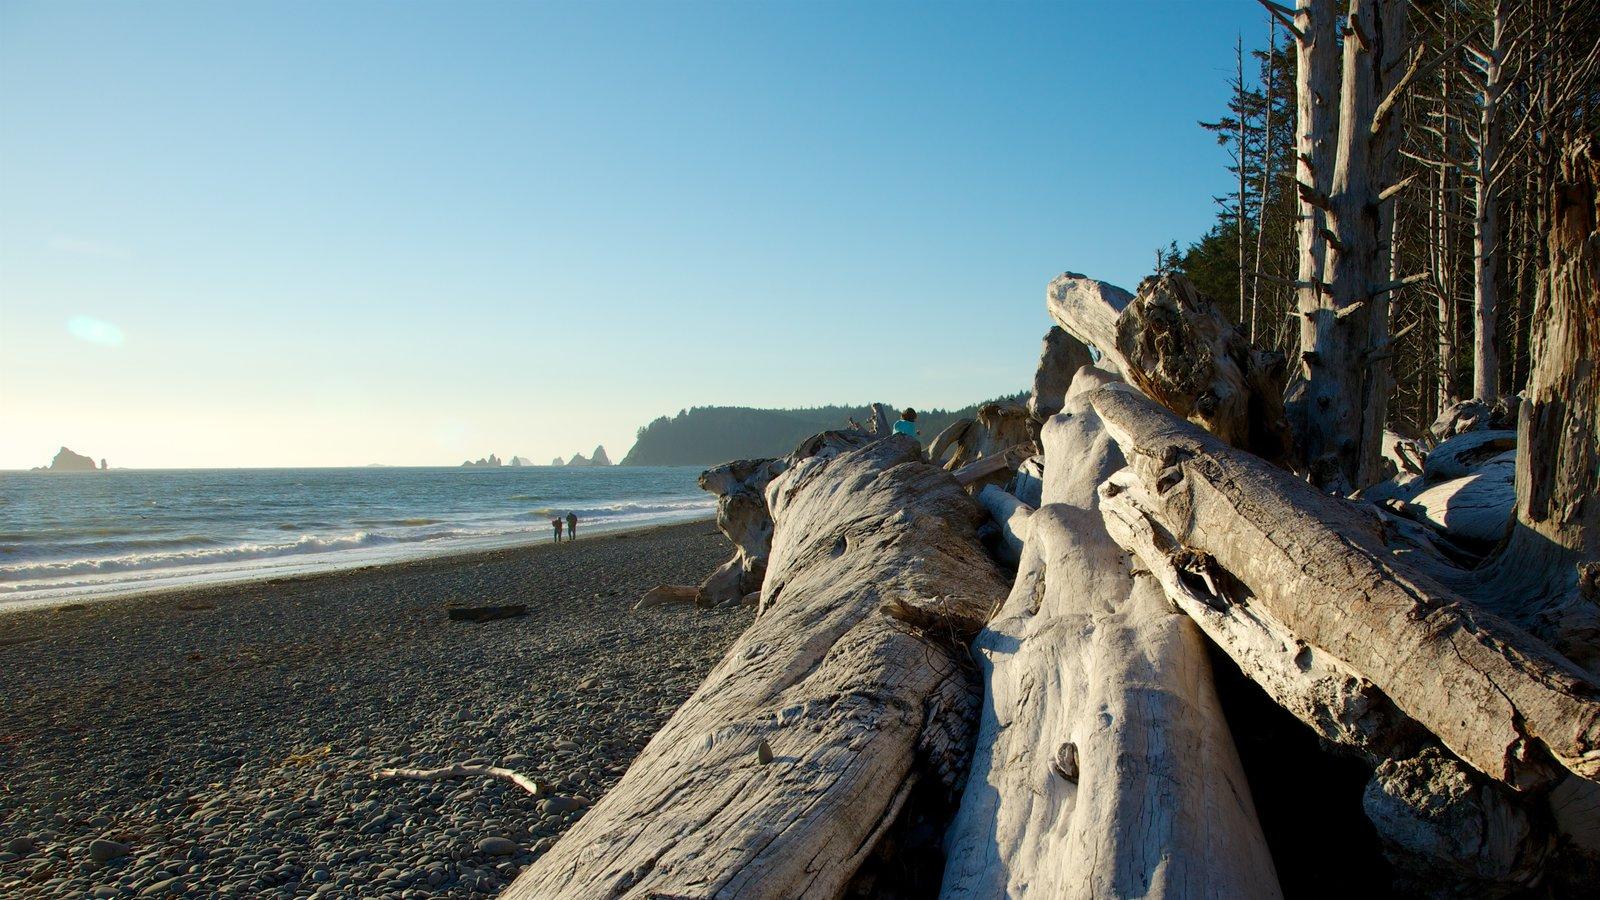 Rialto Beach mostrando paisagem, uma praia de pedras e paisagens litorâneas